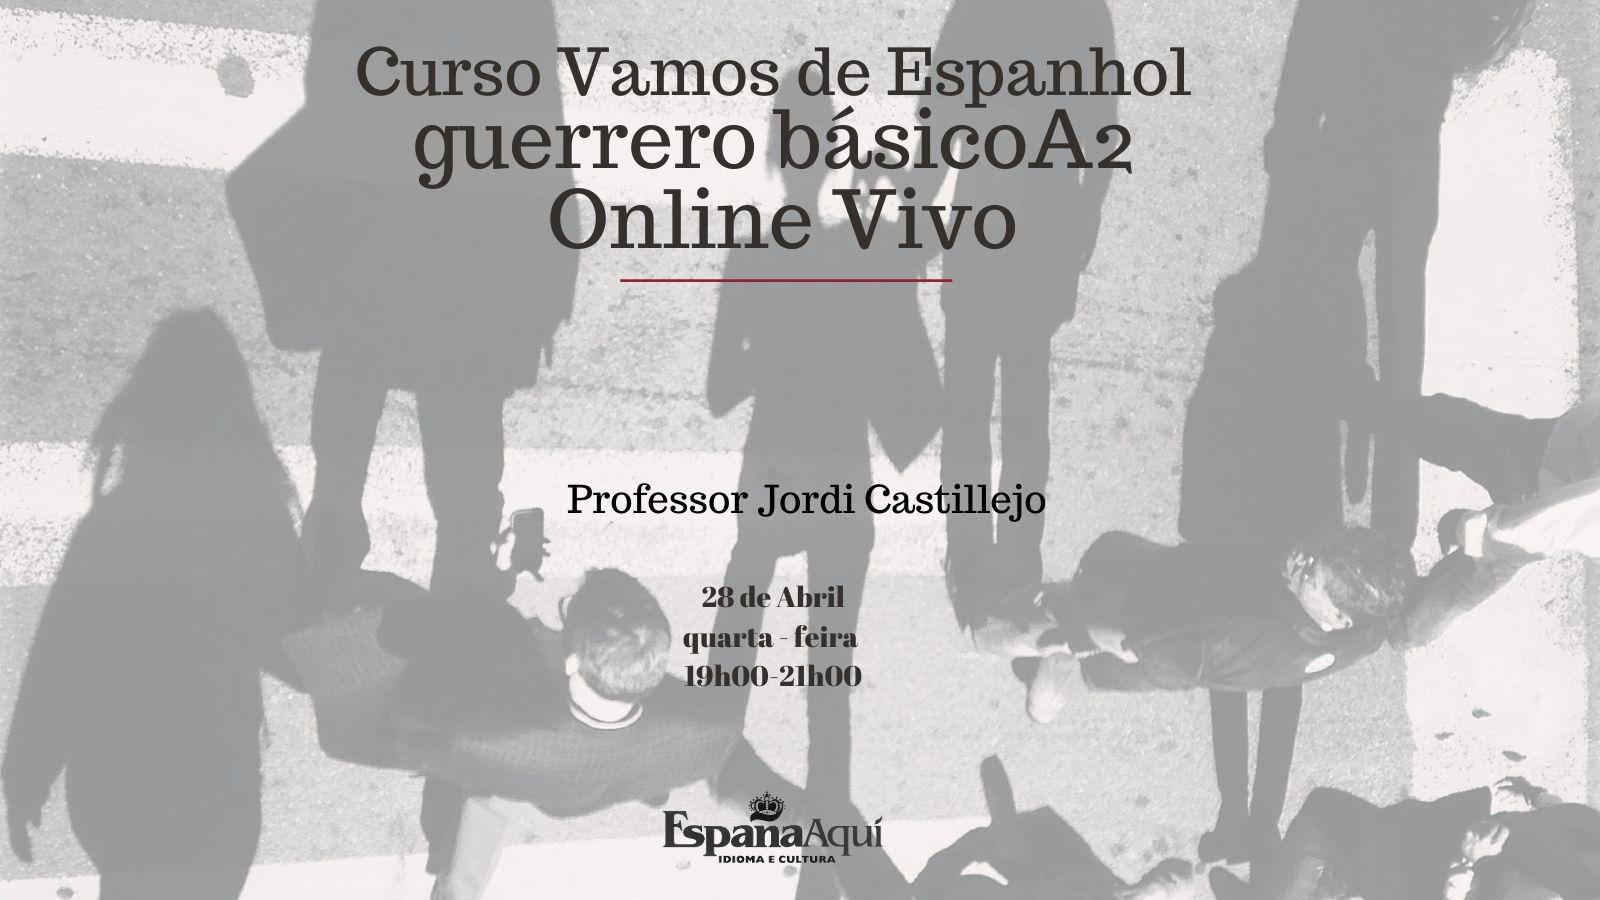 http://www.espanaaqui.com.br/pdf/abril2021/priorit%c3%a1rio.%20%20guerrero%20A2%2028%20abril.jpg